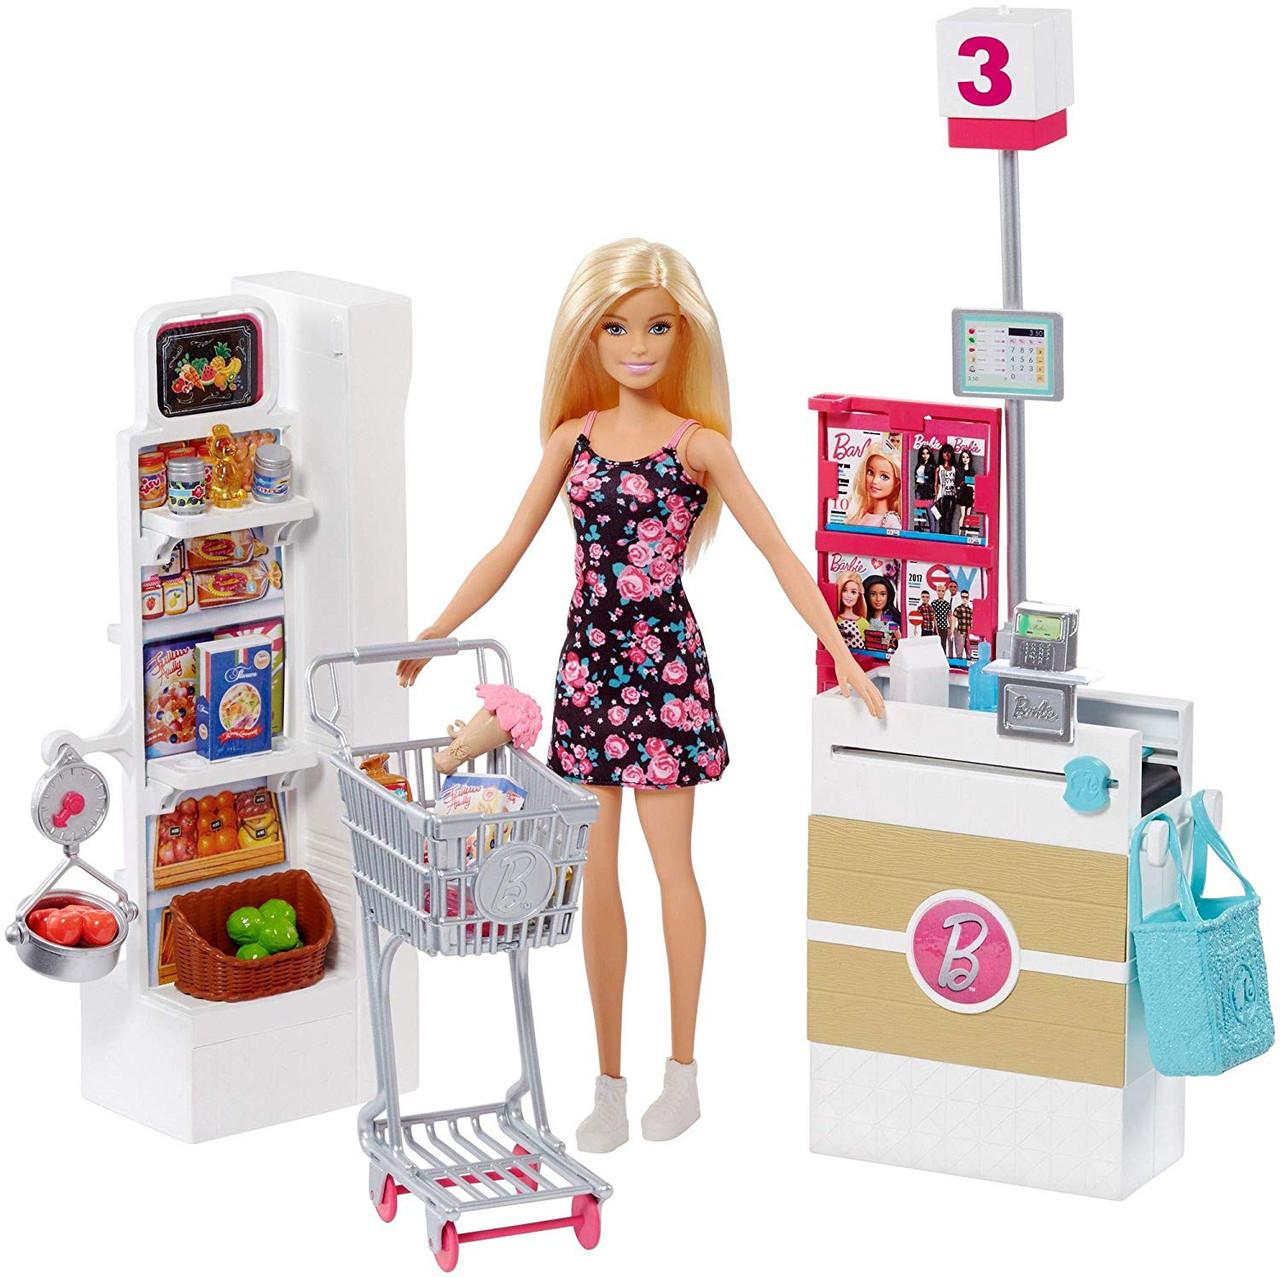 Игровой набор Barbie Супермаркет Барби в супермаркете Barbie supermarket mattel FRP01